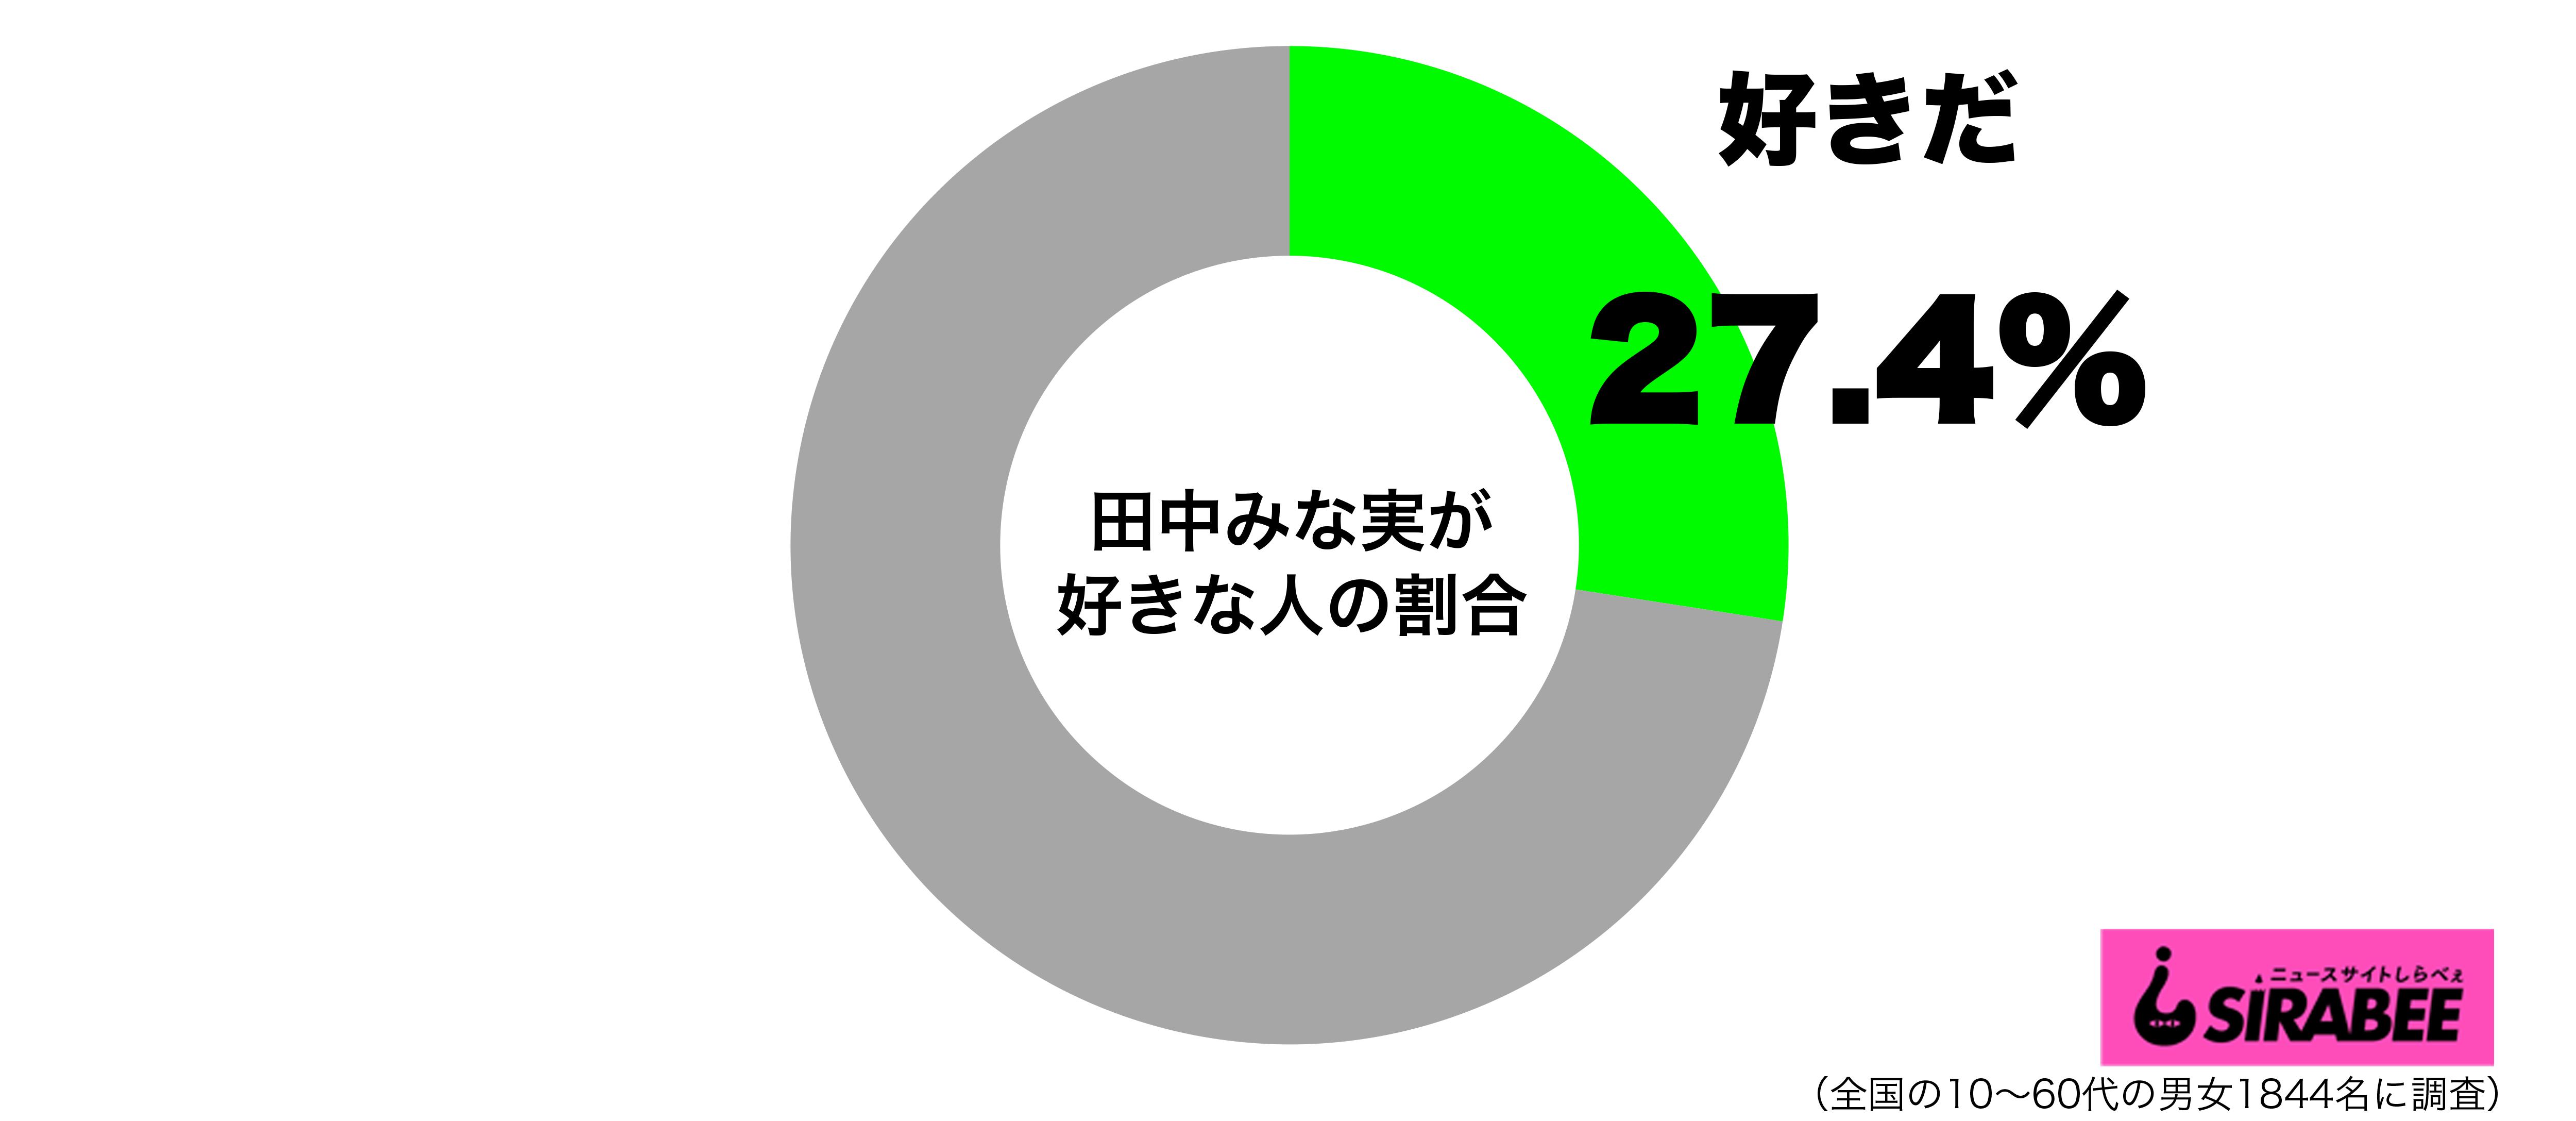 田中みな実が好きグラフ